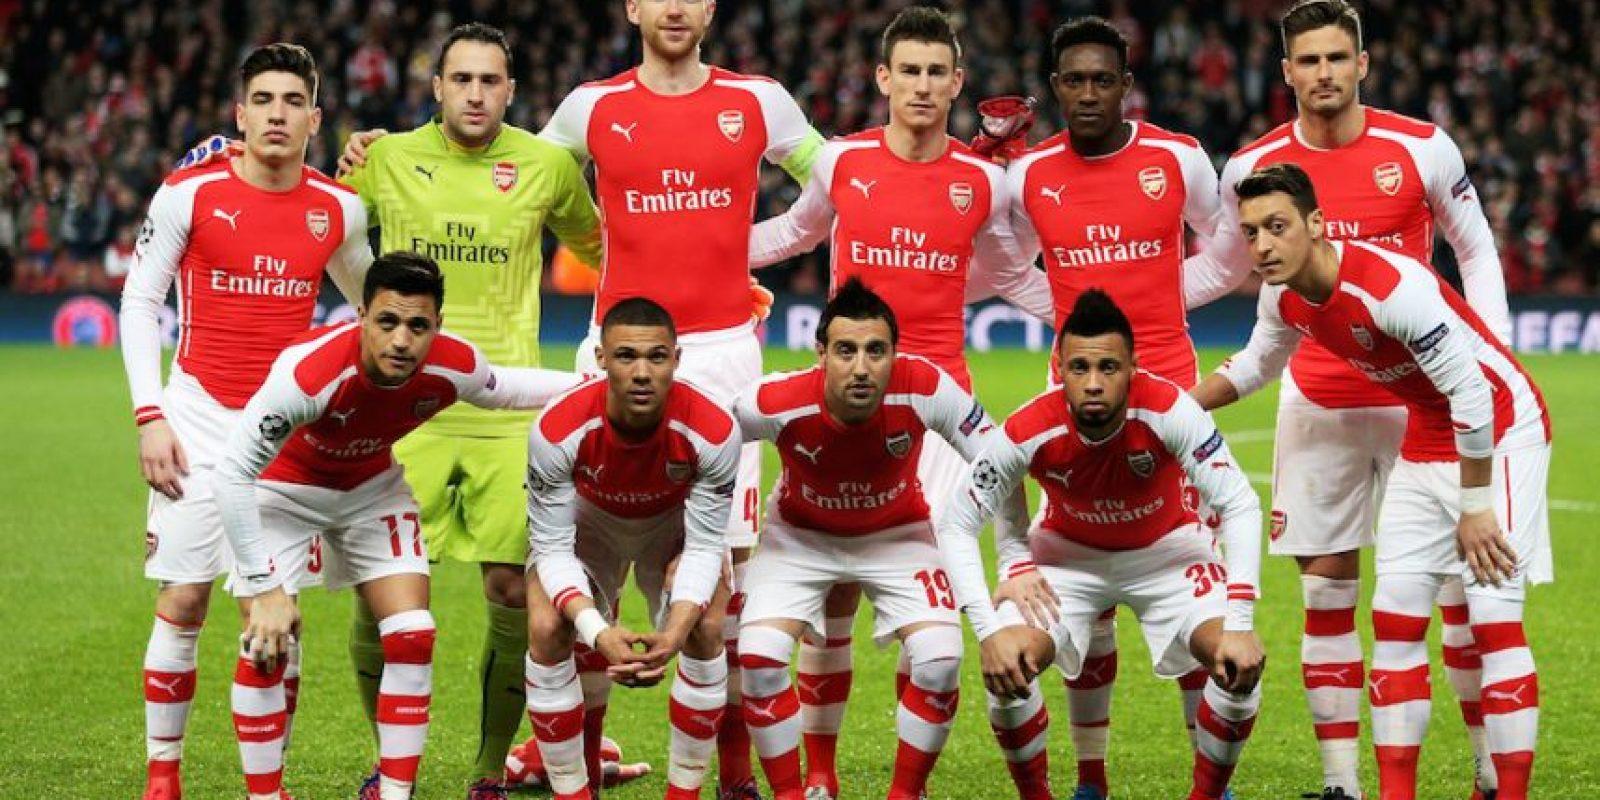 Arsenal quiere pasar a cuartos de final. Foto:Getty Images